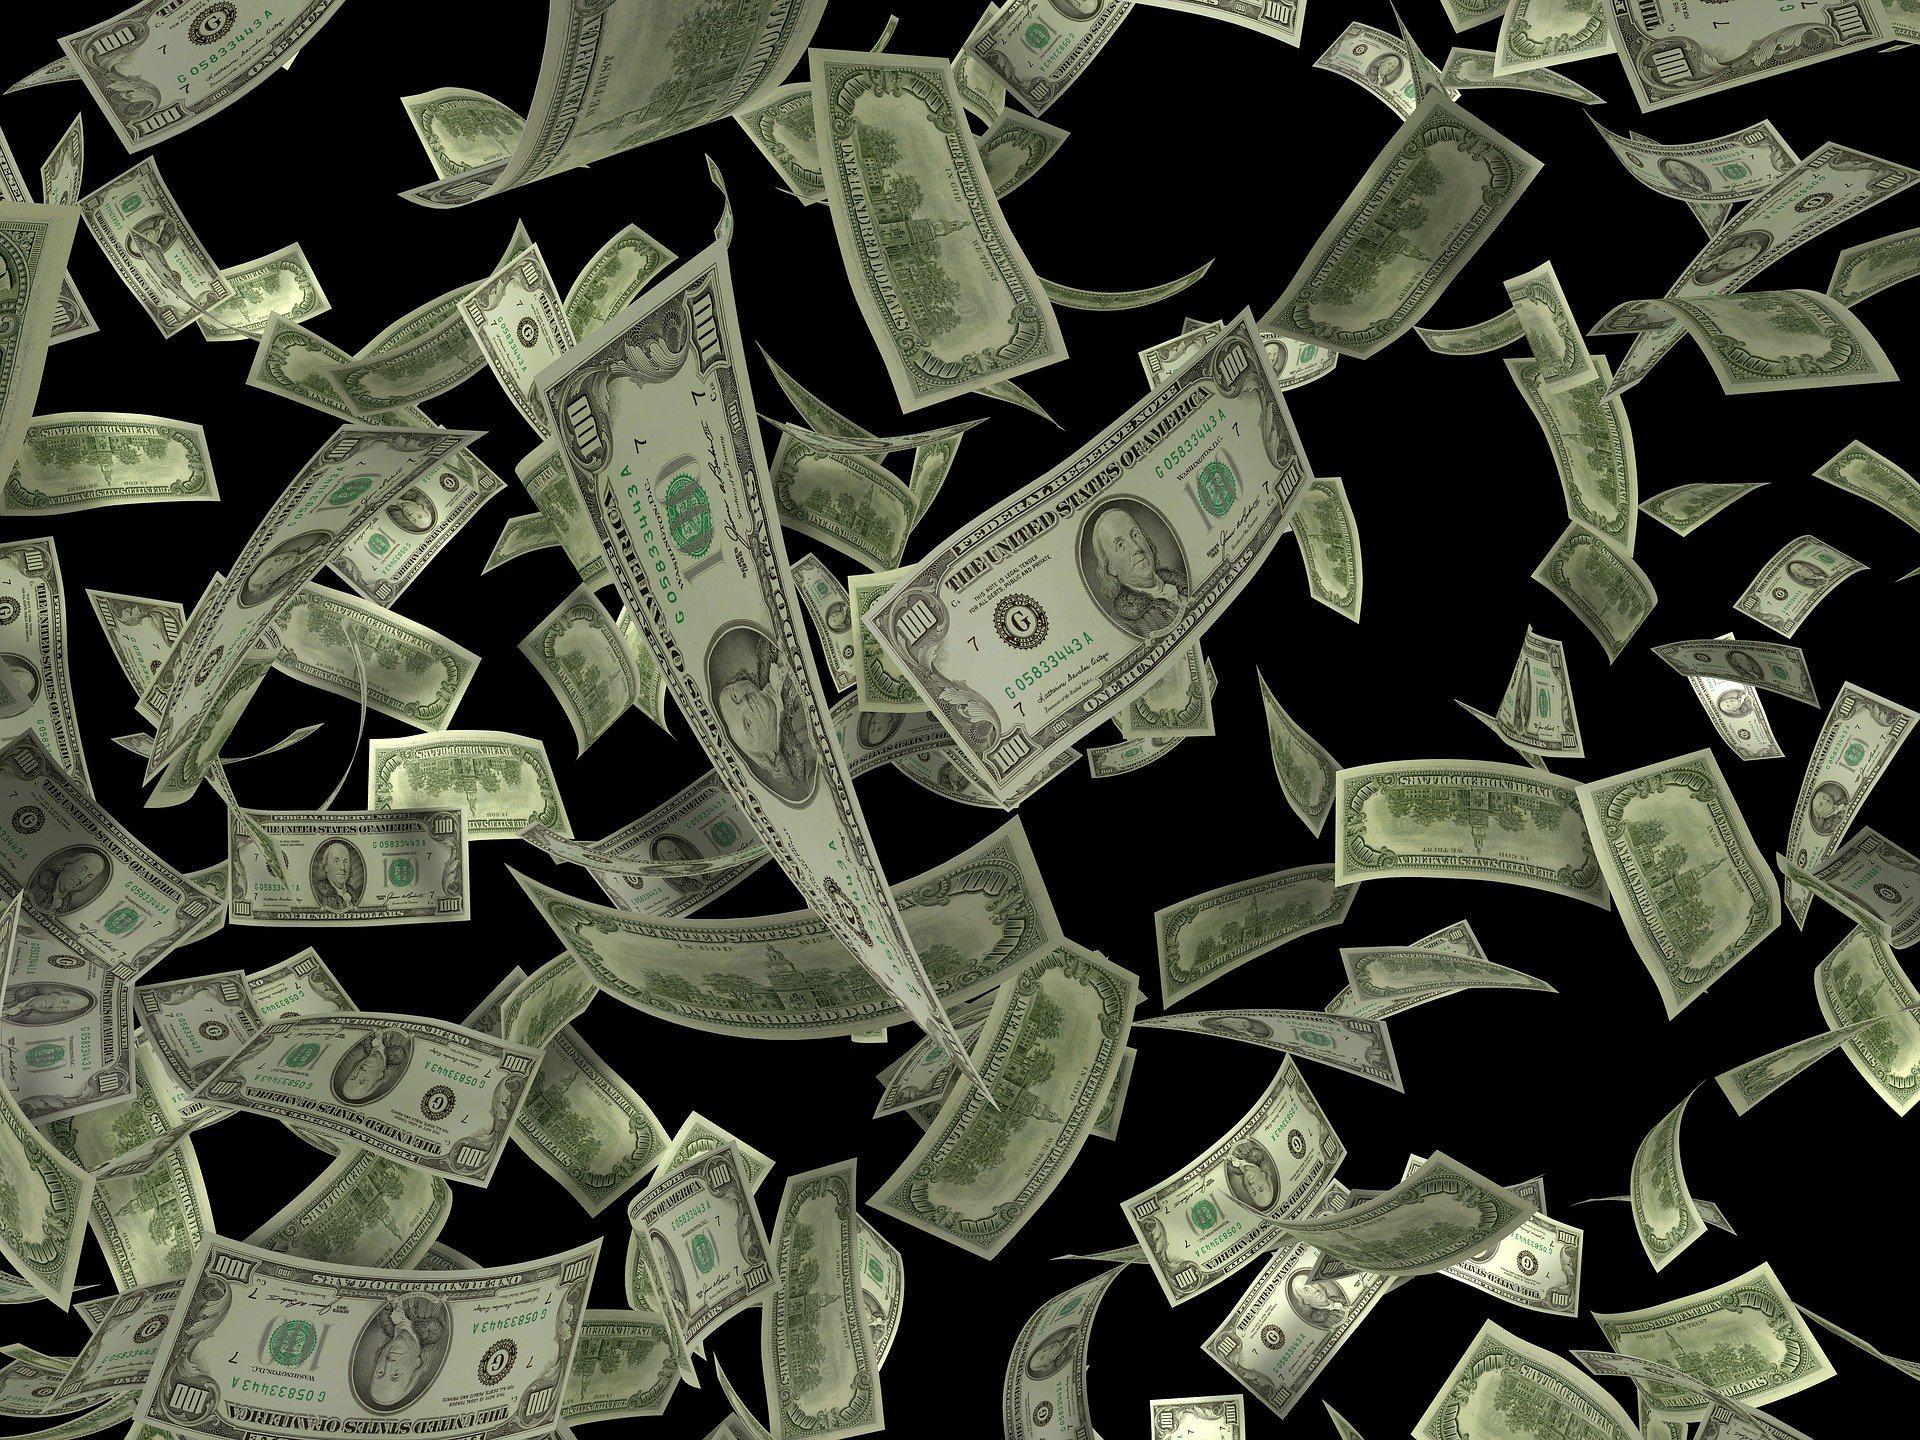 Президент подписал закон об упрощении порядка ввоза-вывоза наличных денег в рамках Таможенного союза